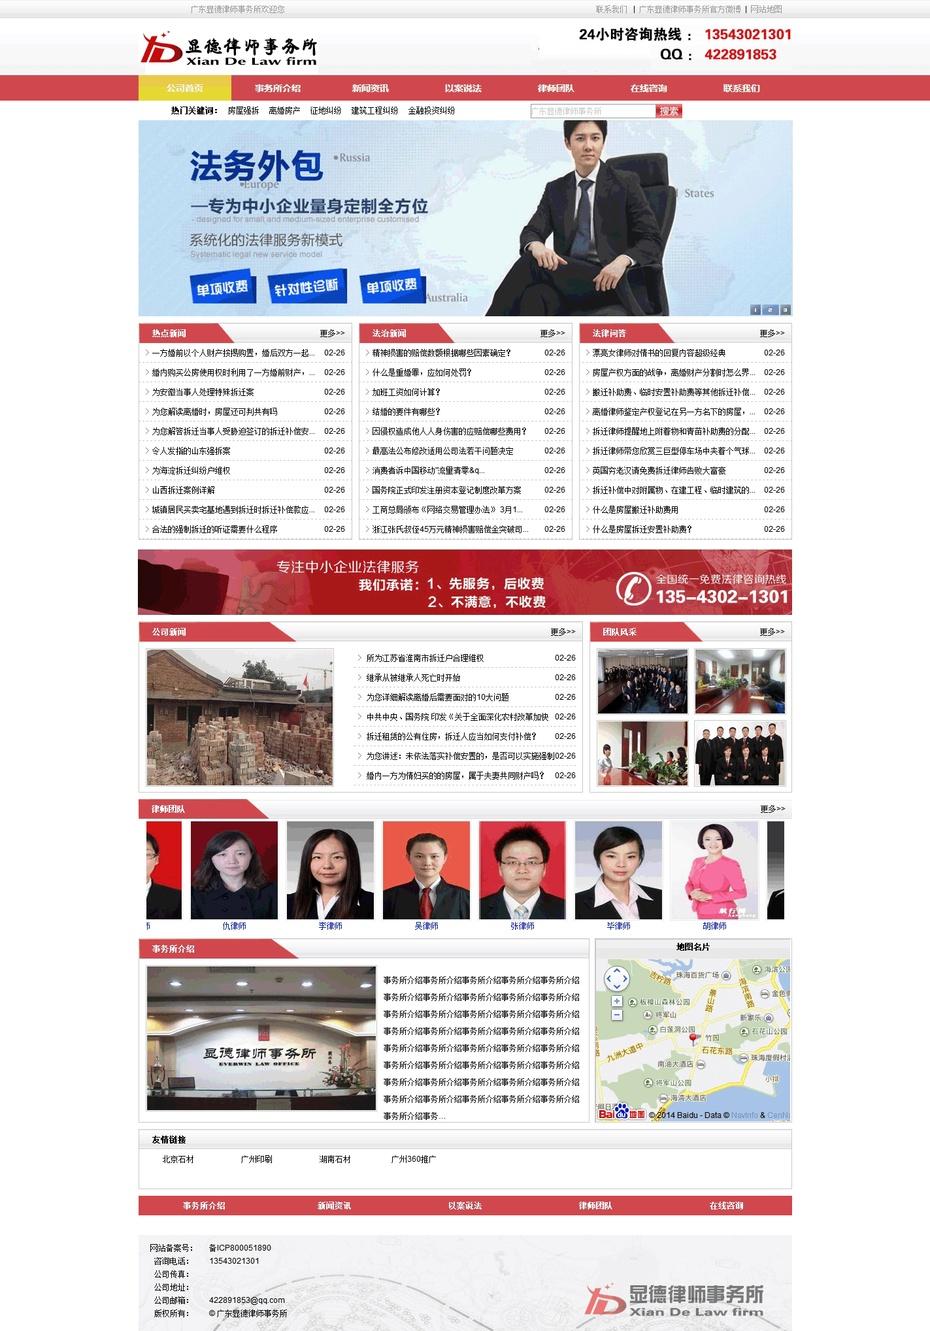 广东律师事务所法务外包网站案例